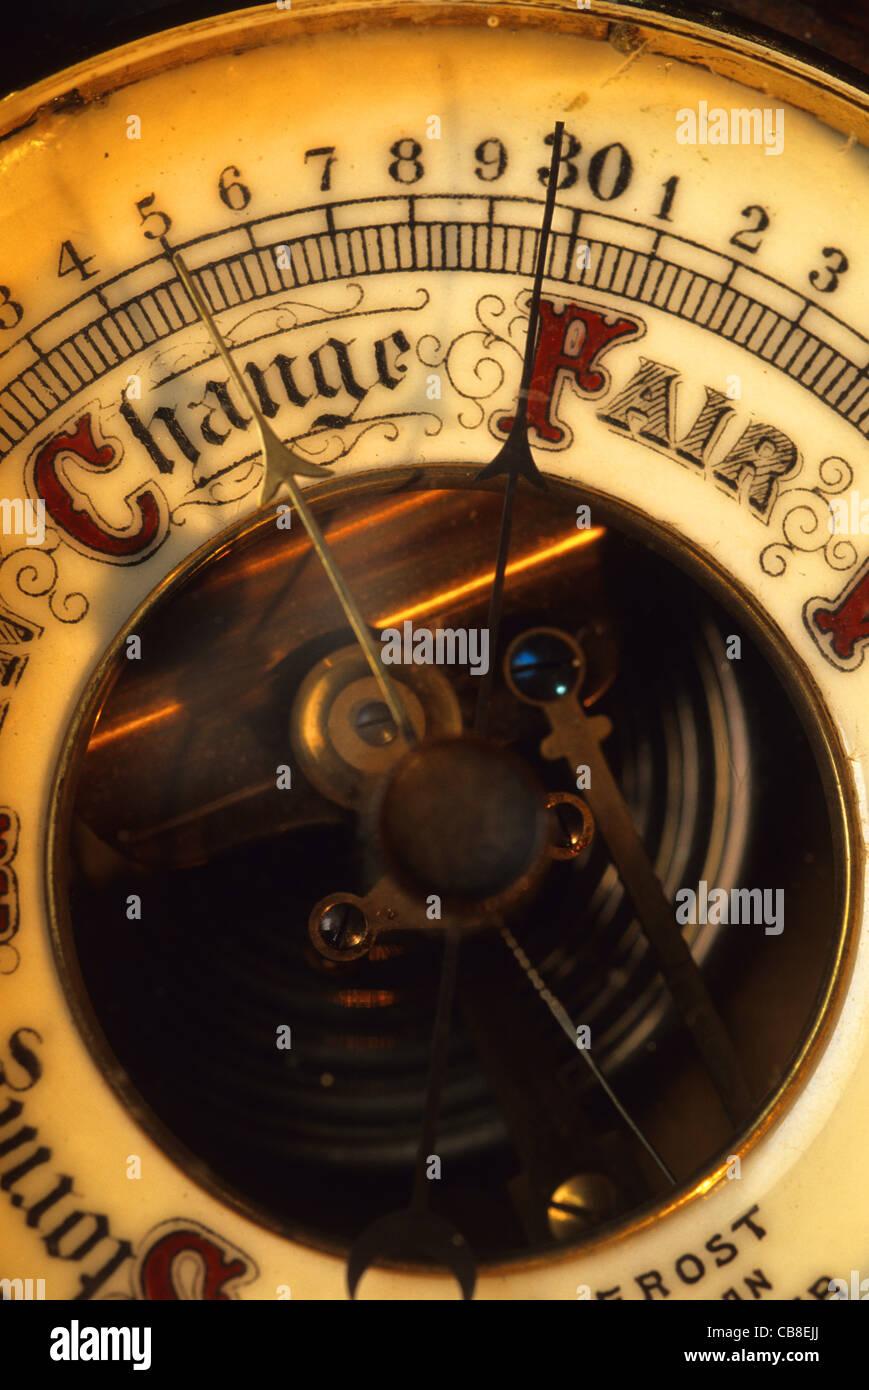 barometer needle pointing to change forecast - Stock Image